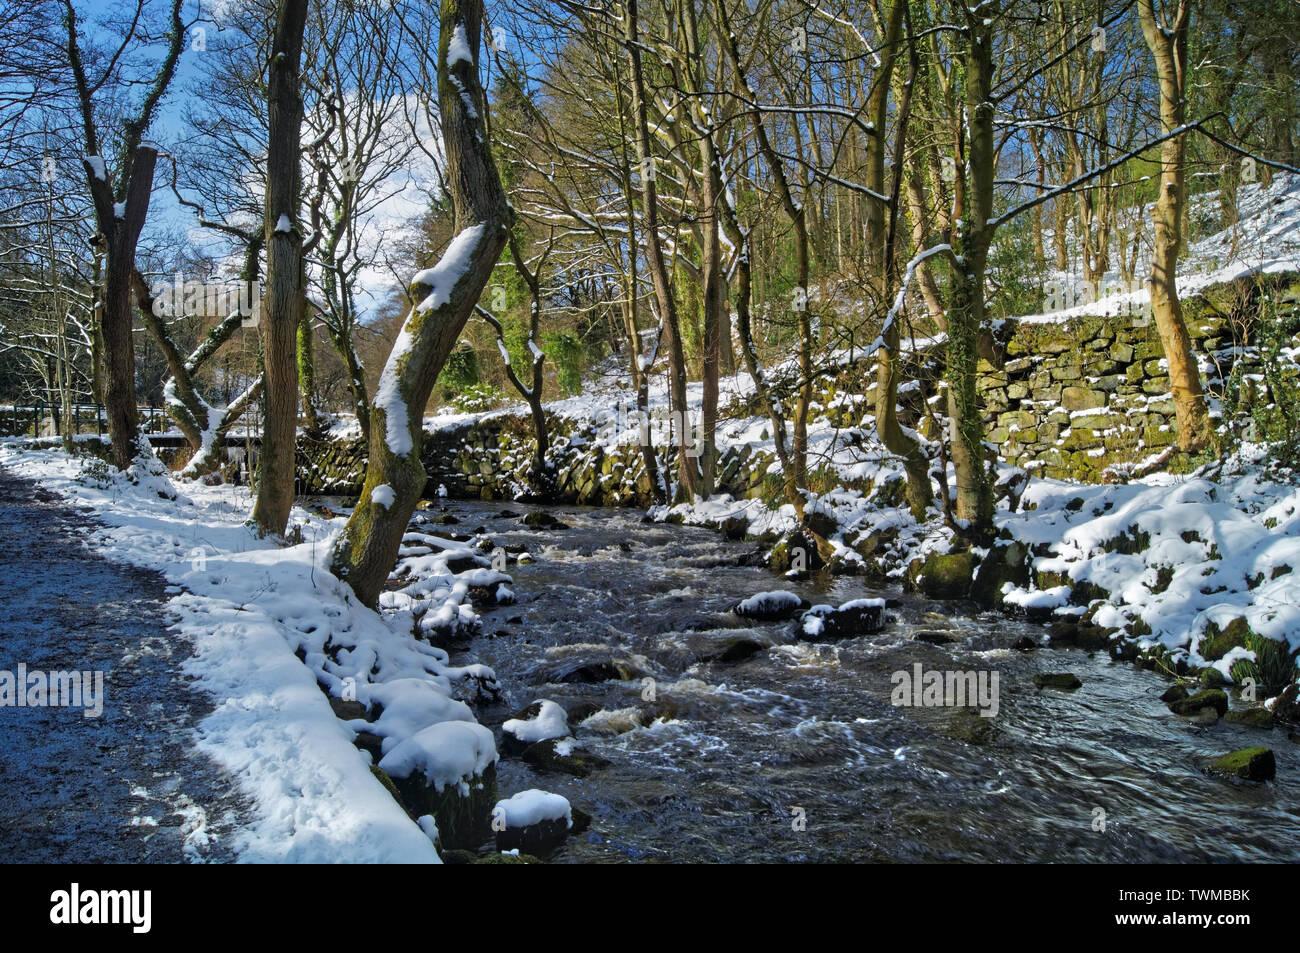 UK,South Yorkshire,Sheffield,Rivelin Rivière en hiver Banque D'Images